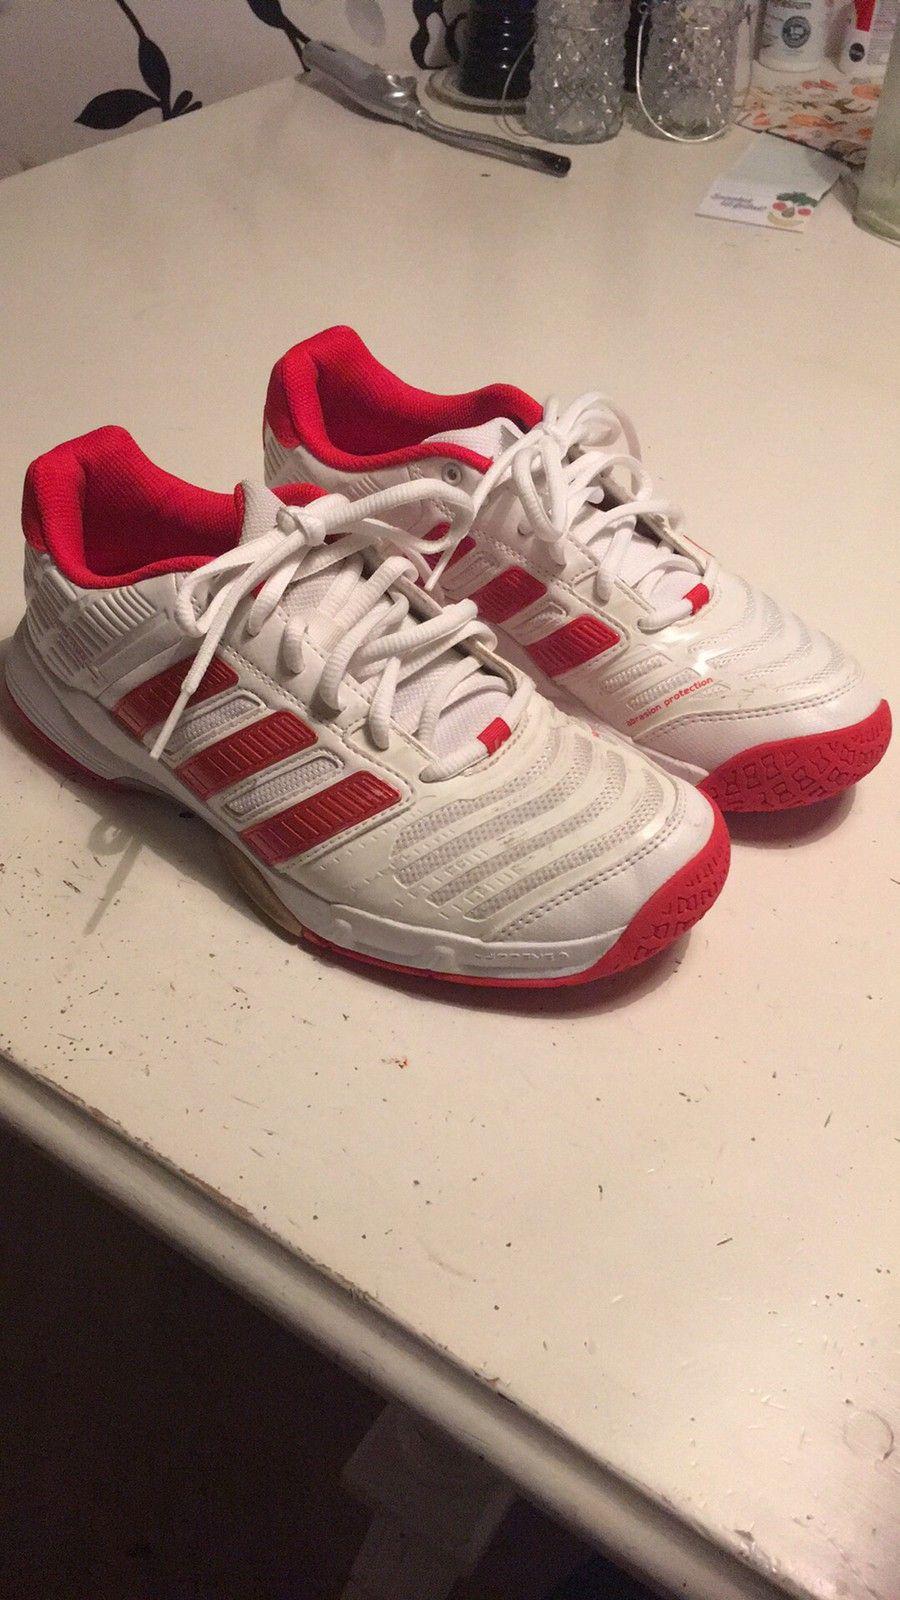 selge og finn beste annonser str Adidas prisen utveksle Kjøpe sko den 1t7SqBZ